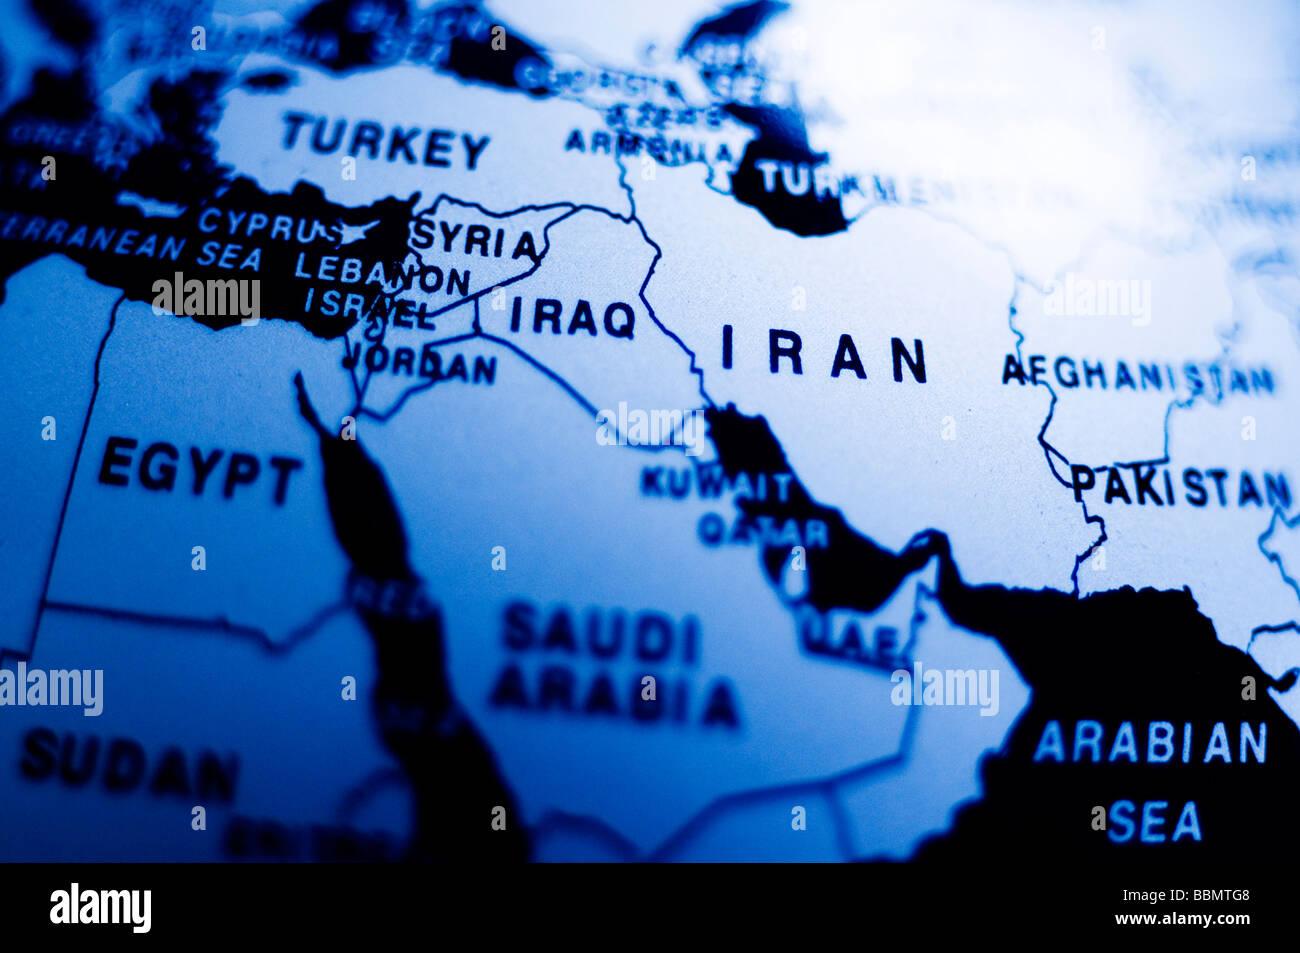 Irán Irak globo azul planeta tierra Mapa mundial Imagen De Stock